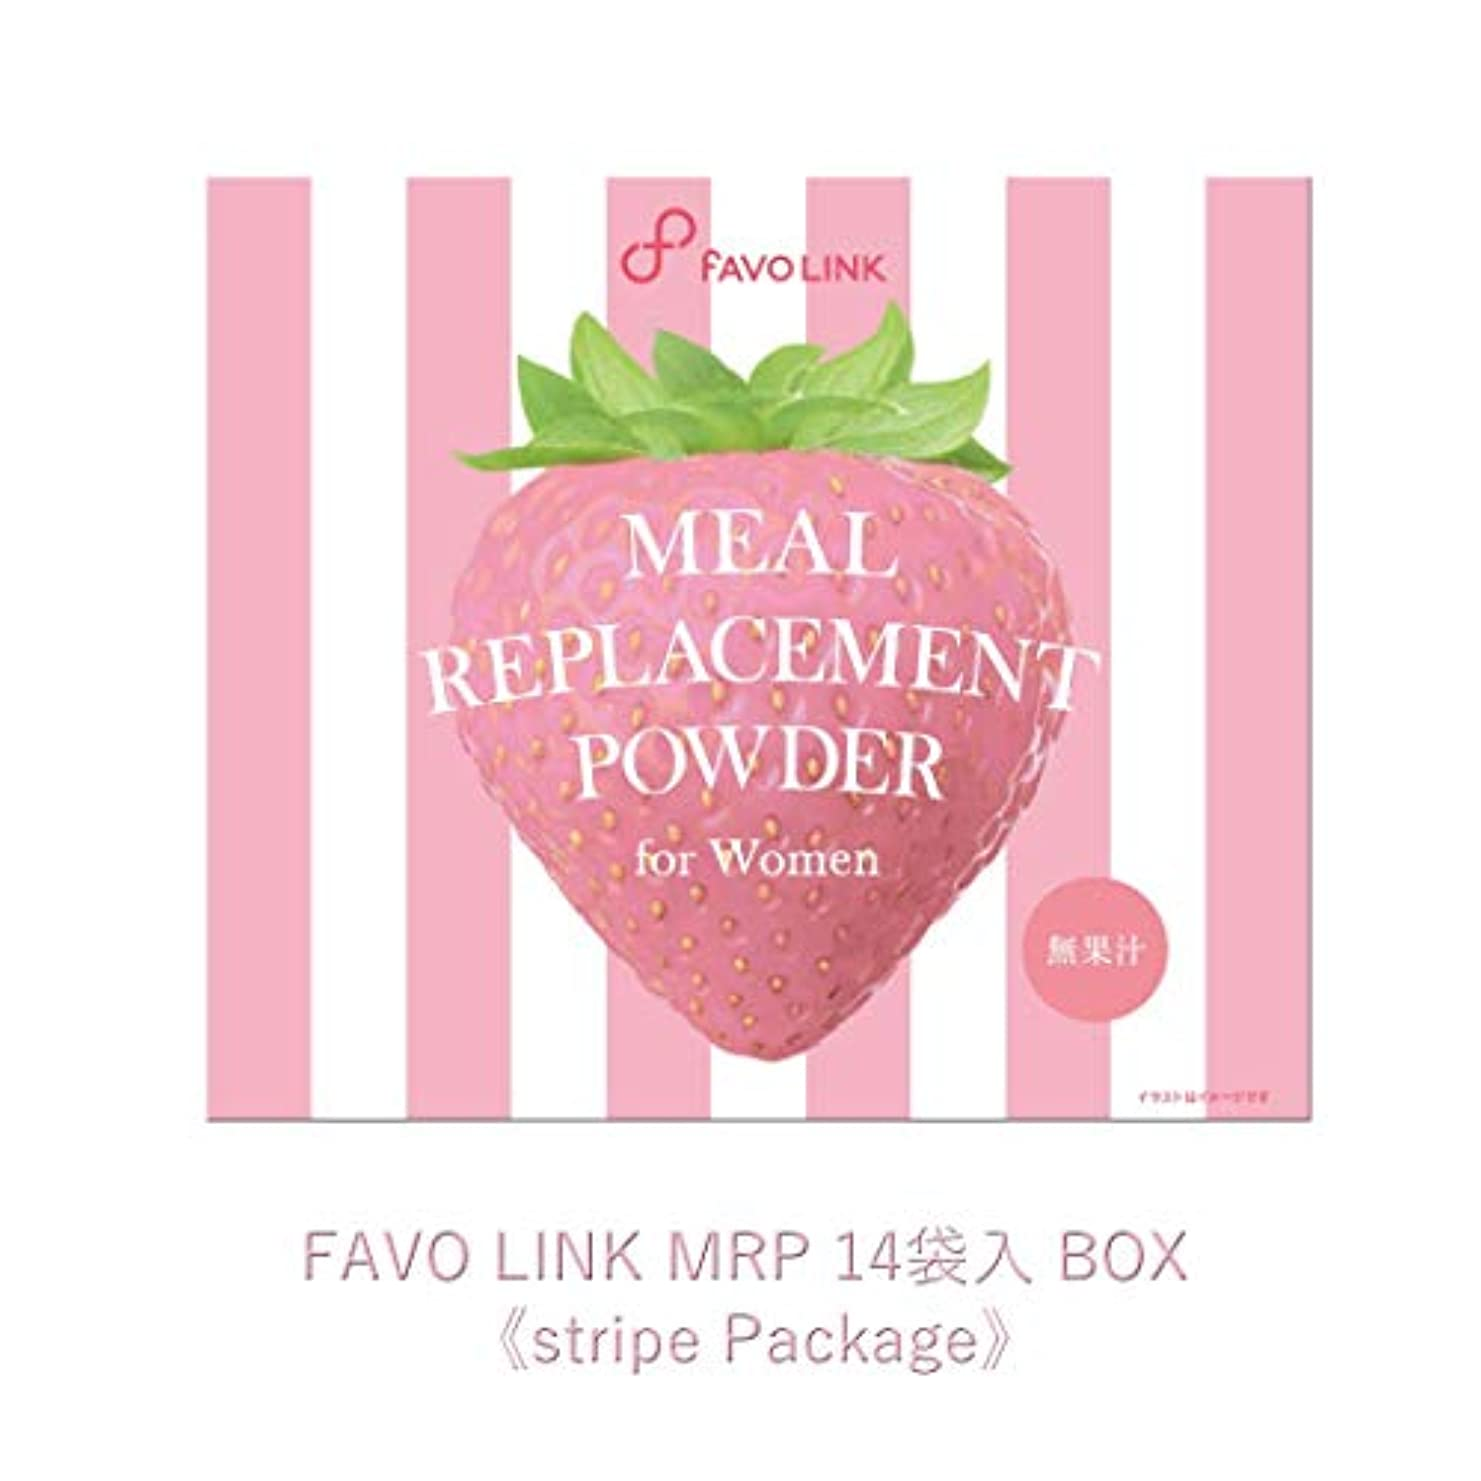 容量別のポジションFAVO LINK MRP 14袋入 BOX 《Stripe Package》